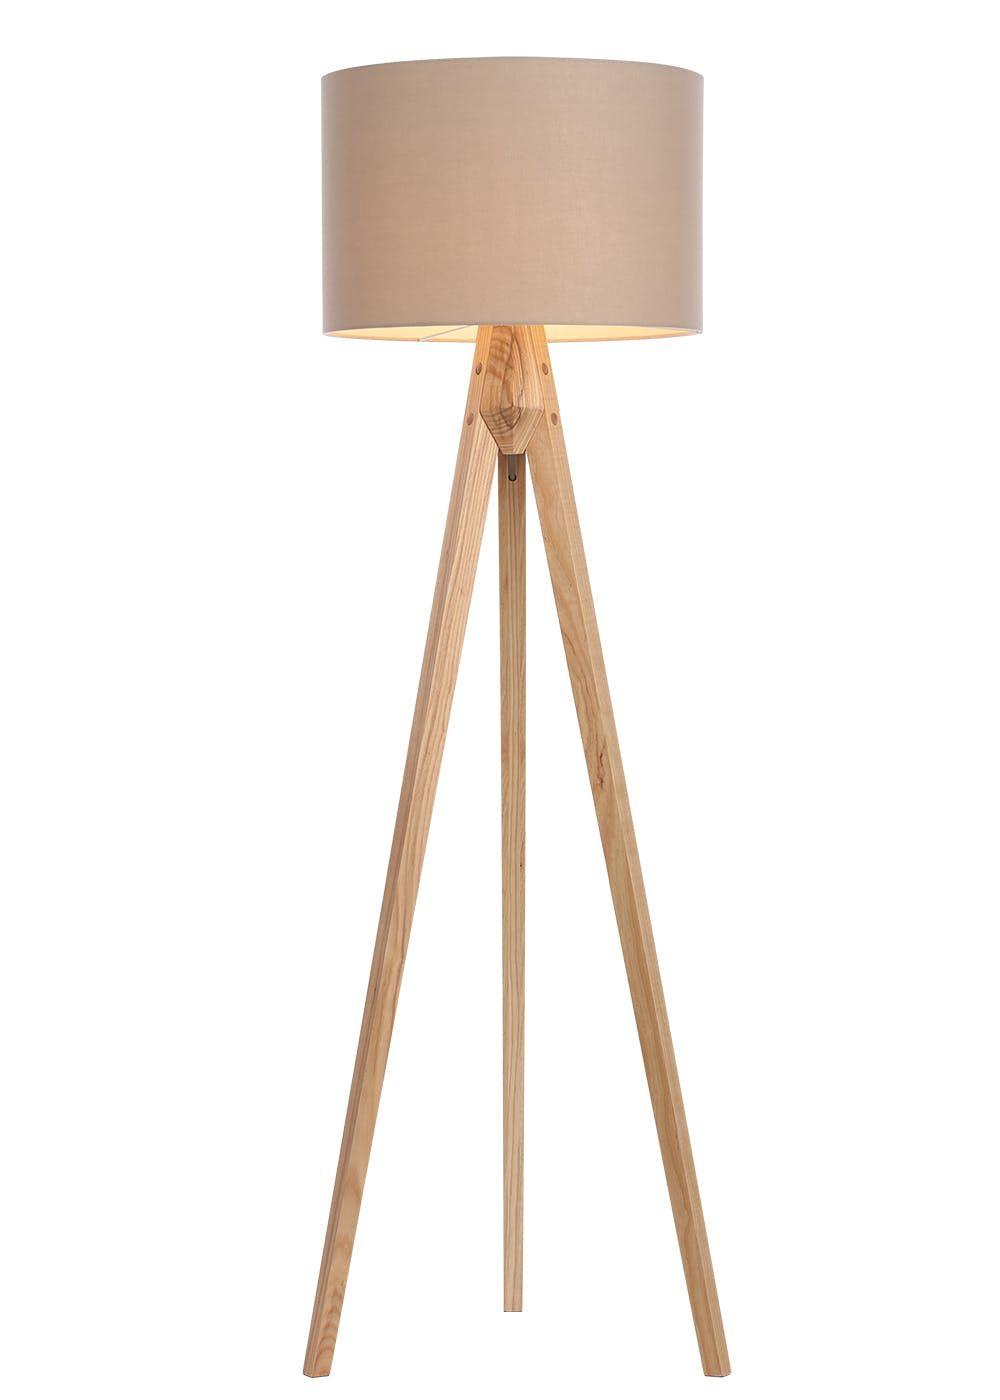 Travis Tripod Floor Lamp (H152cm x W45cm) – Cream in 2020